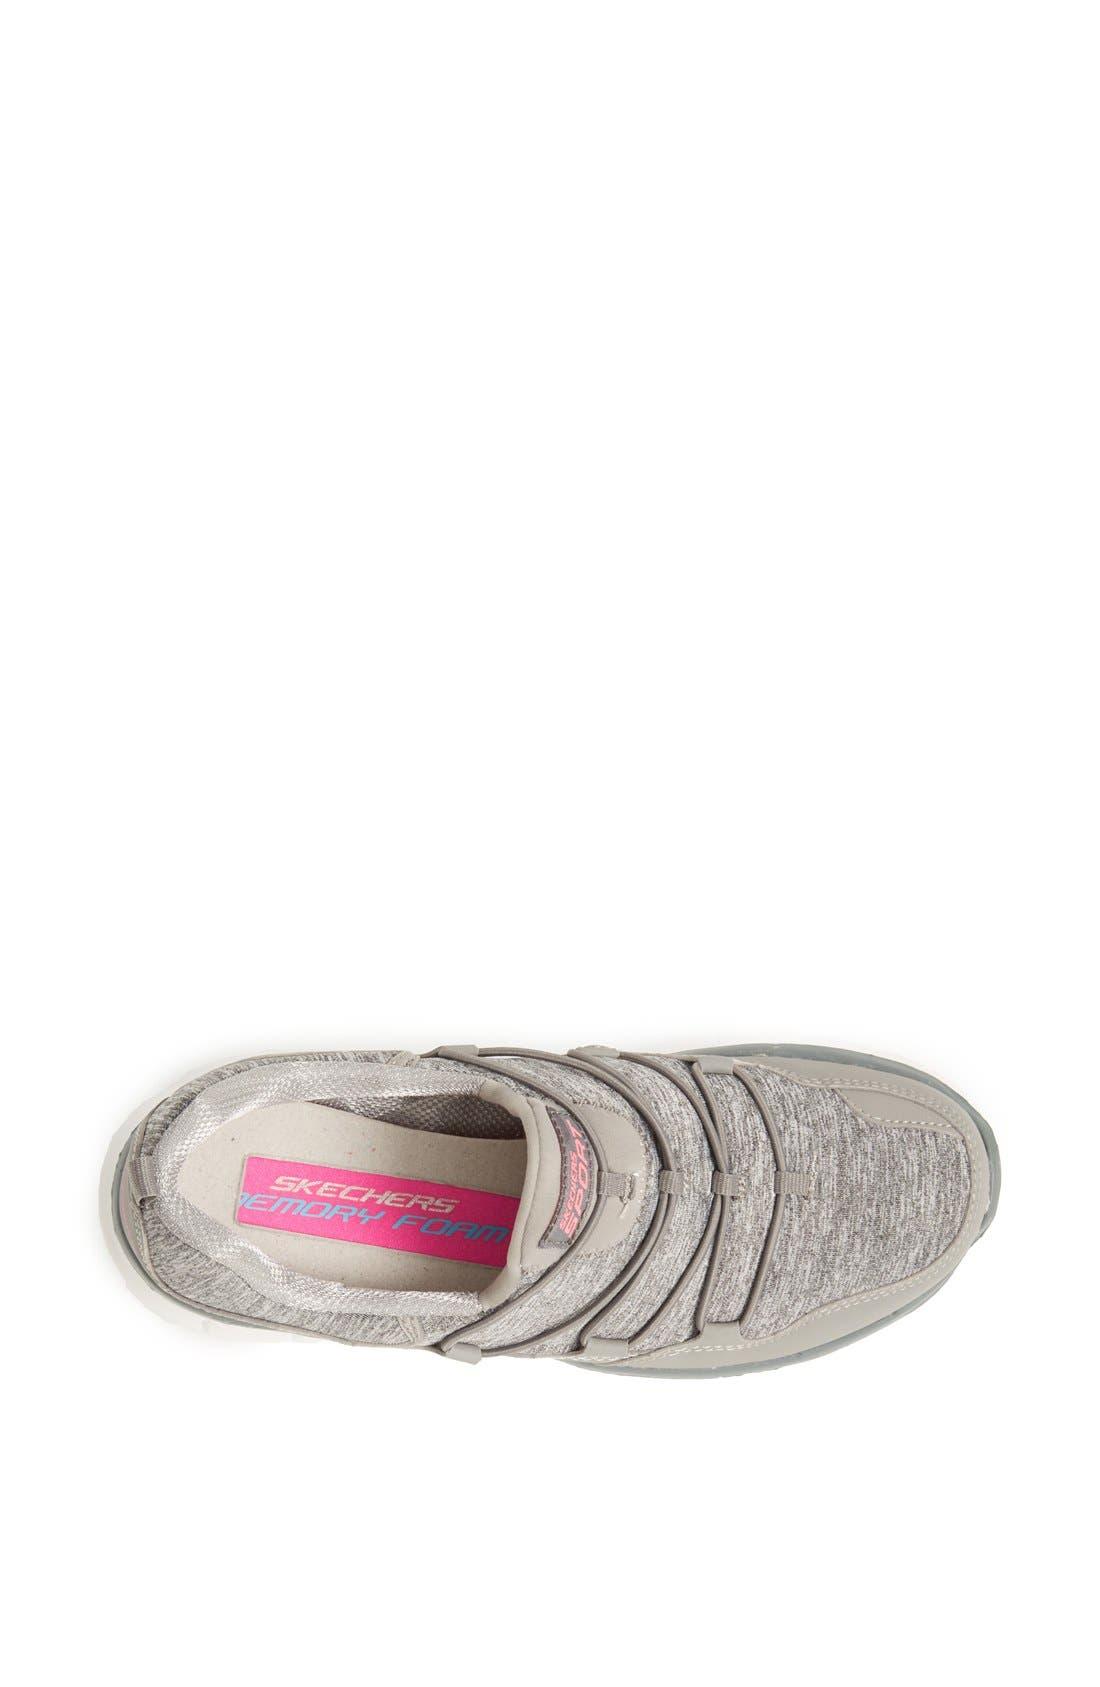 Alternate Image 3  - SKECHERS 'Flex Appeal - Asset Play' Walking Shoe (Women)